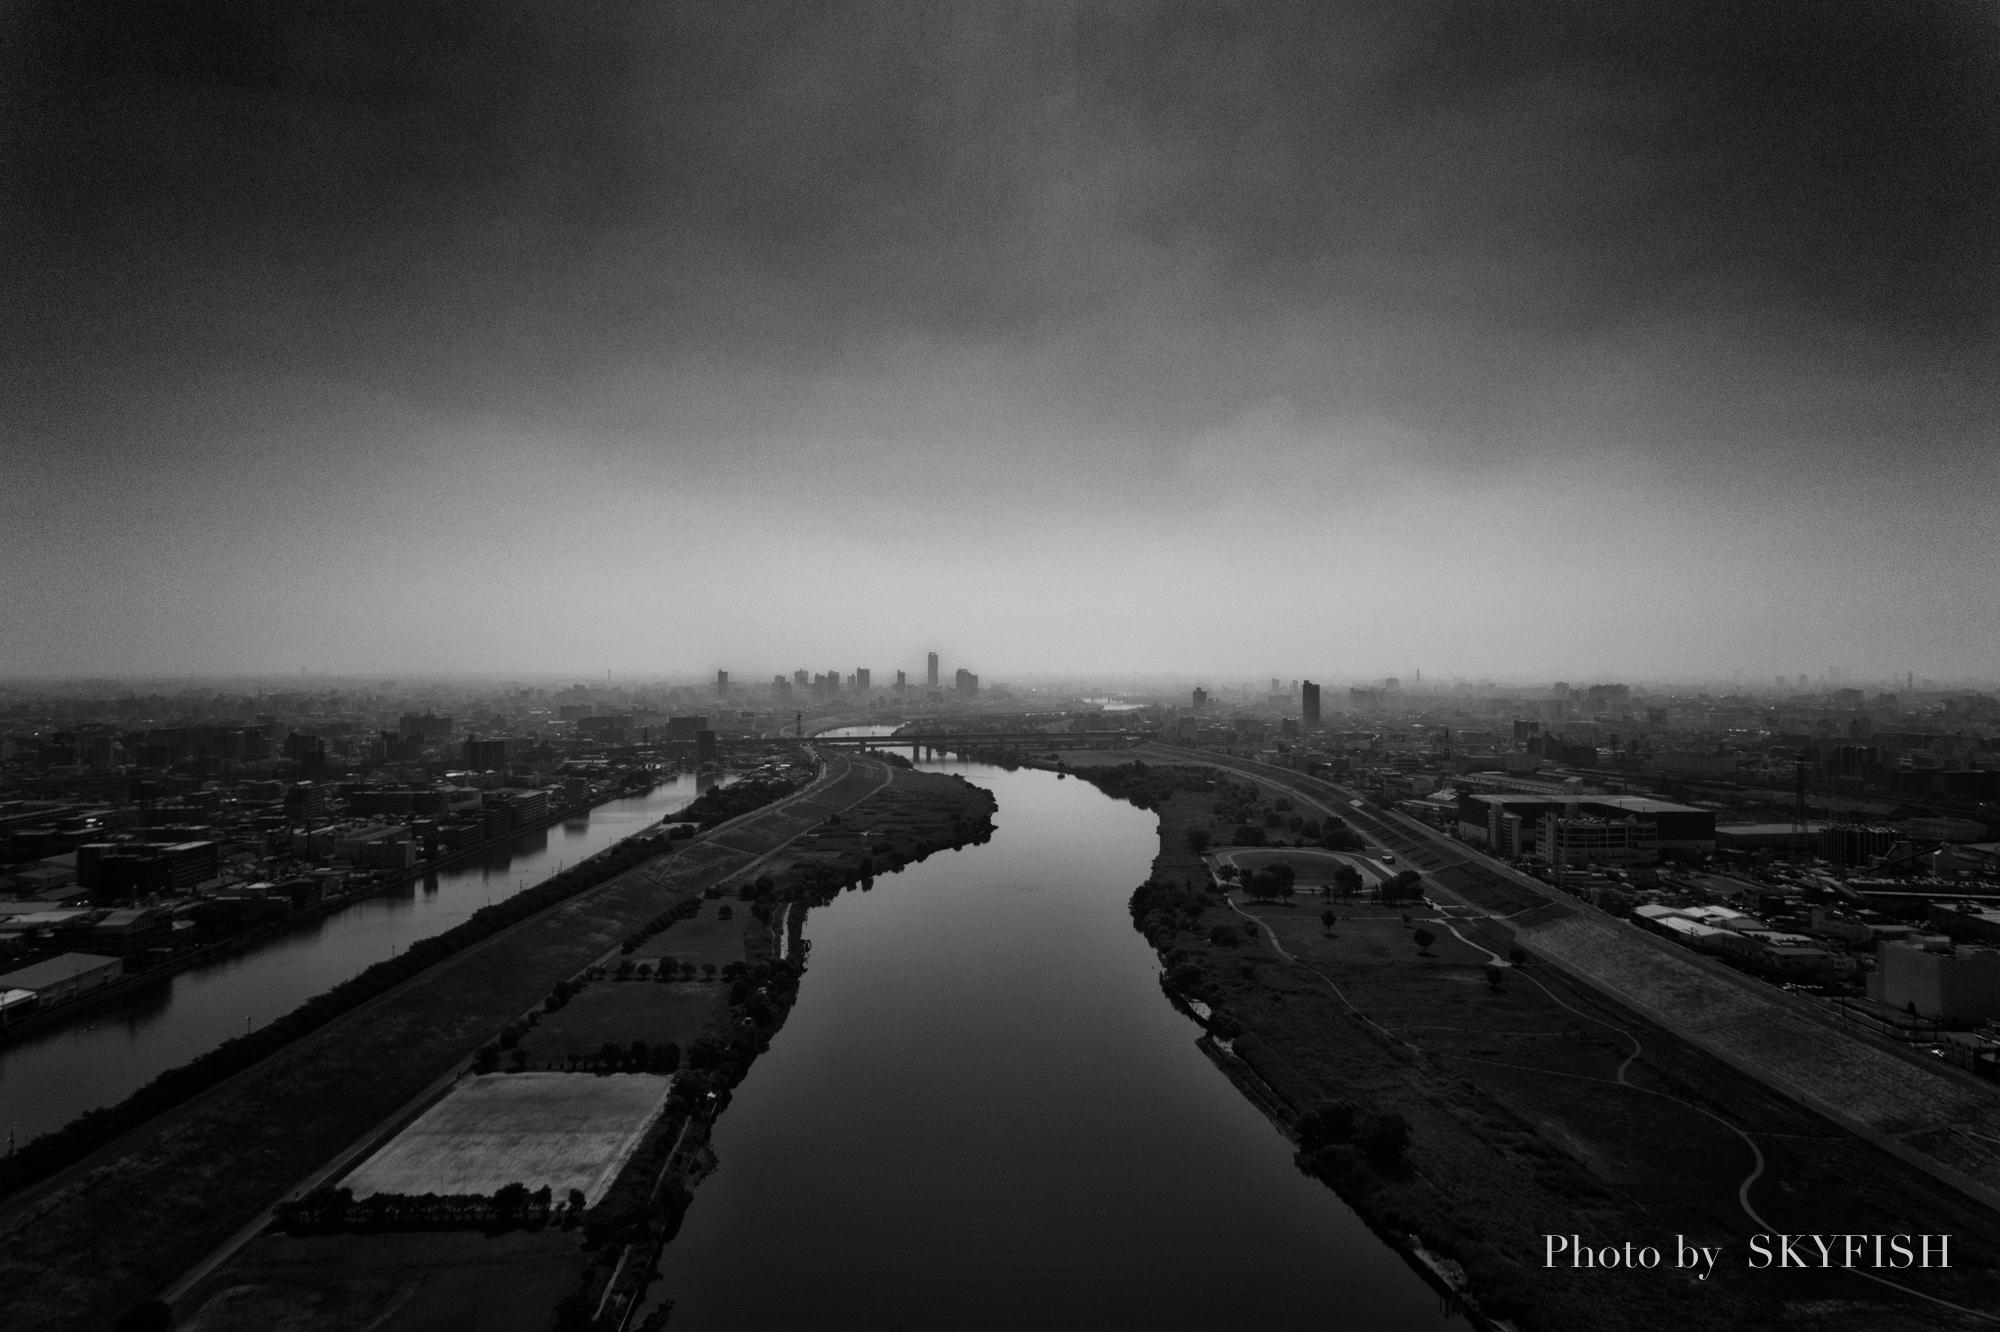 ドローンで撮影した都市景観